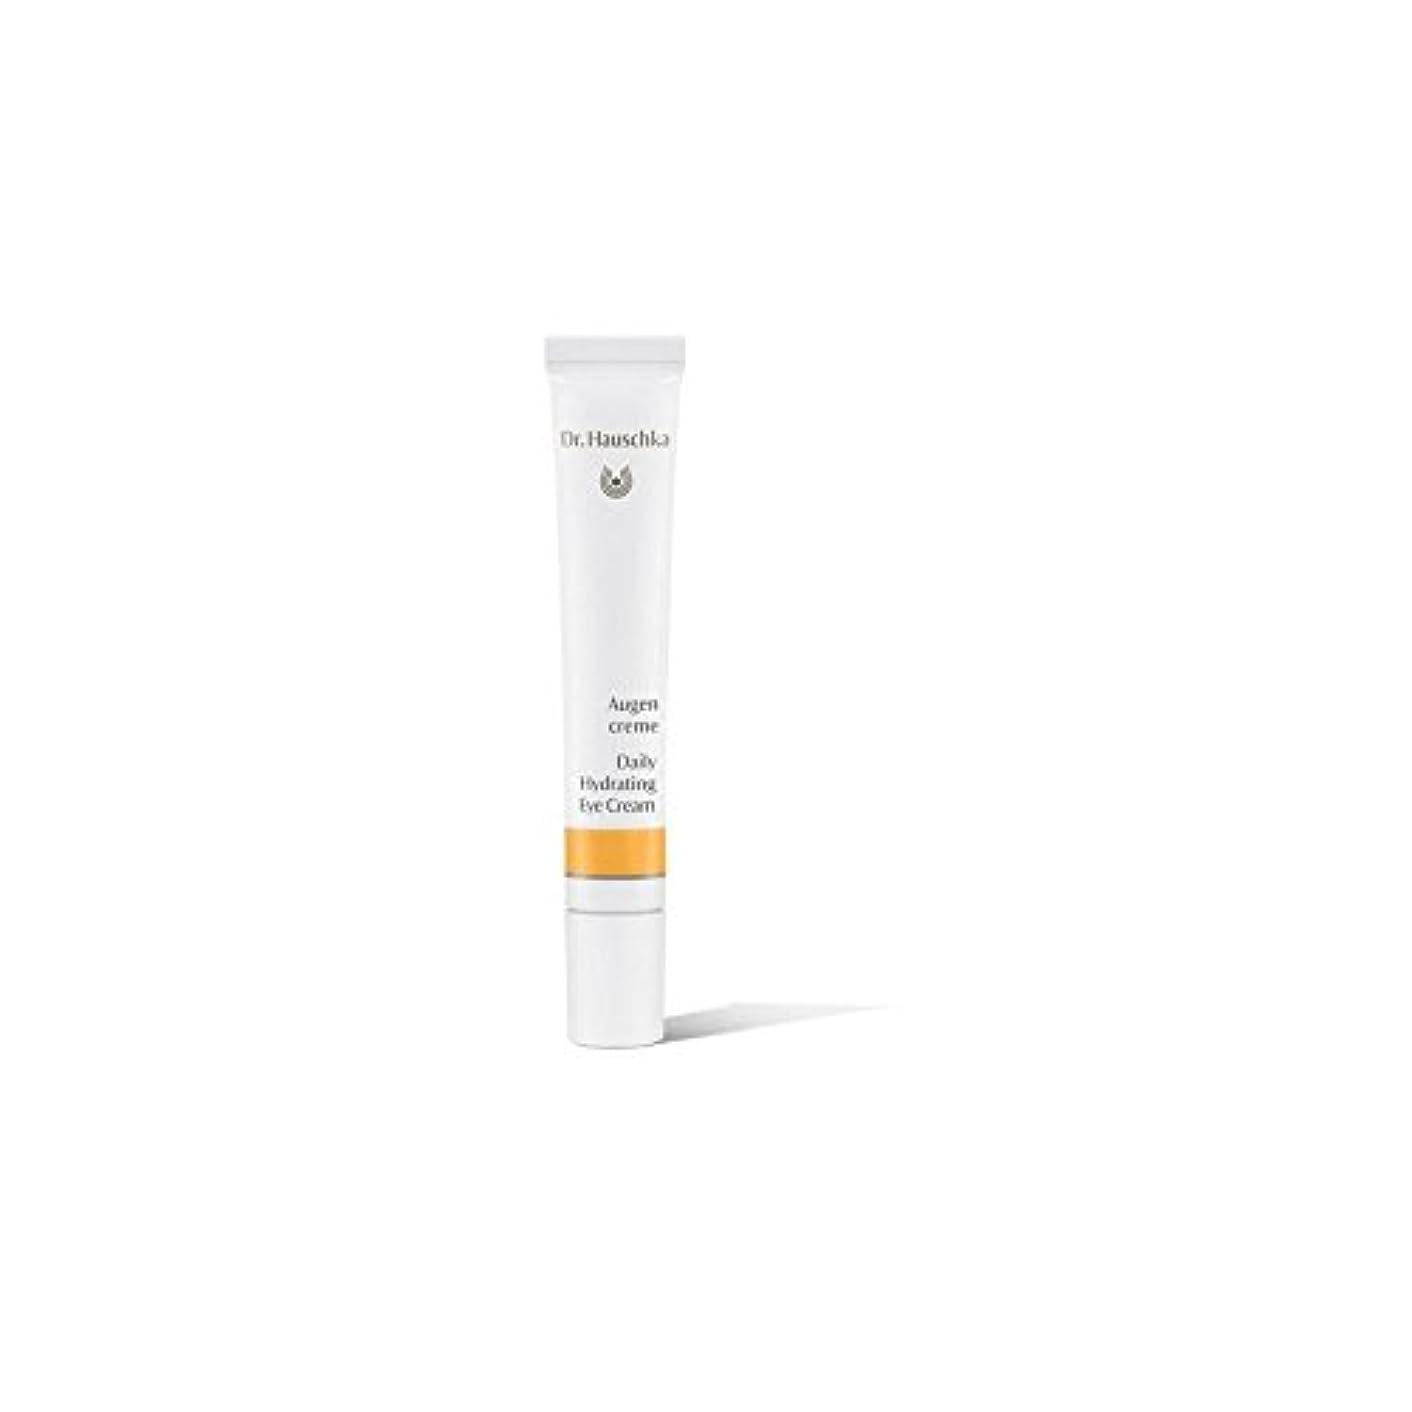 インデックス報奨金事実Dr. Hauschka Daily Hydrating Eye Cream 12.5ml - ハウシュカ毎日水和アイクリーム12.5ミリリットル [並行輸入品]